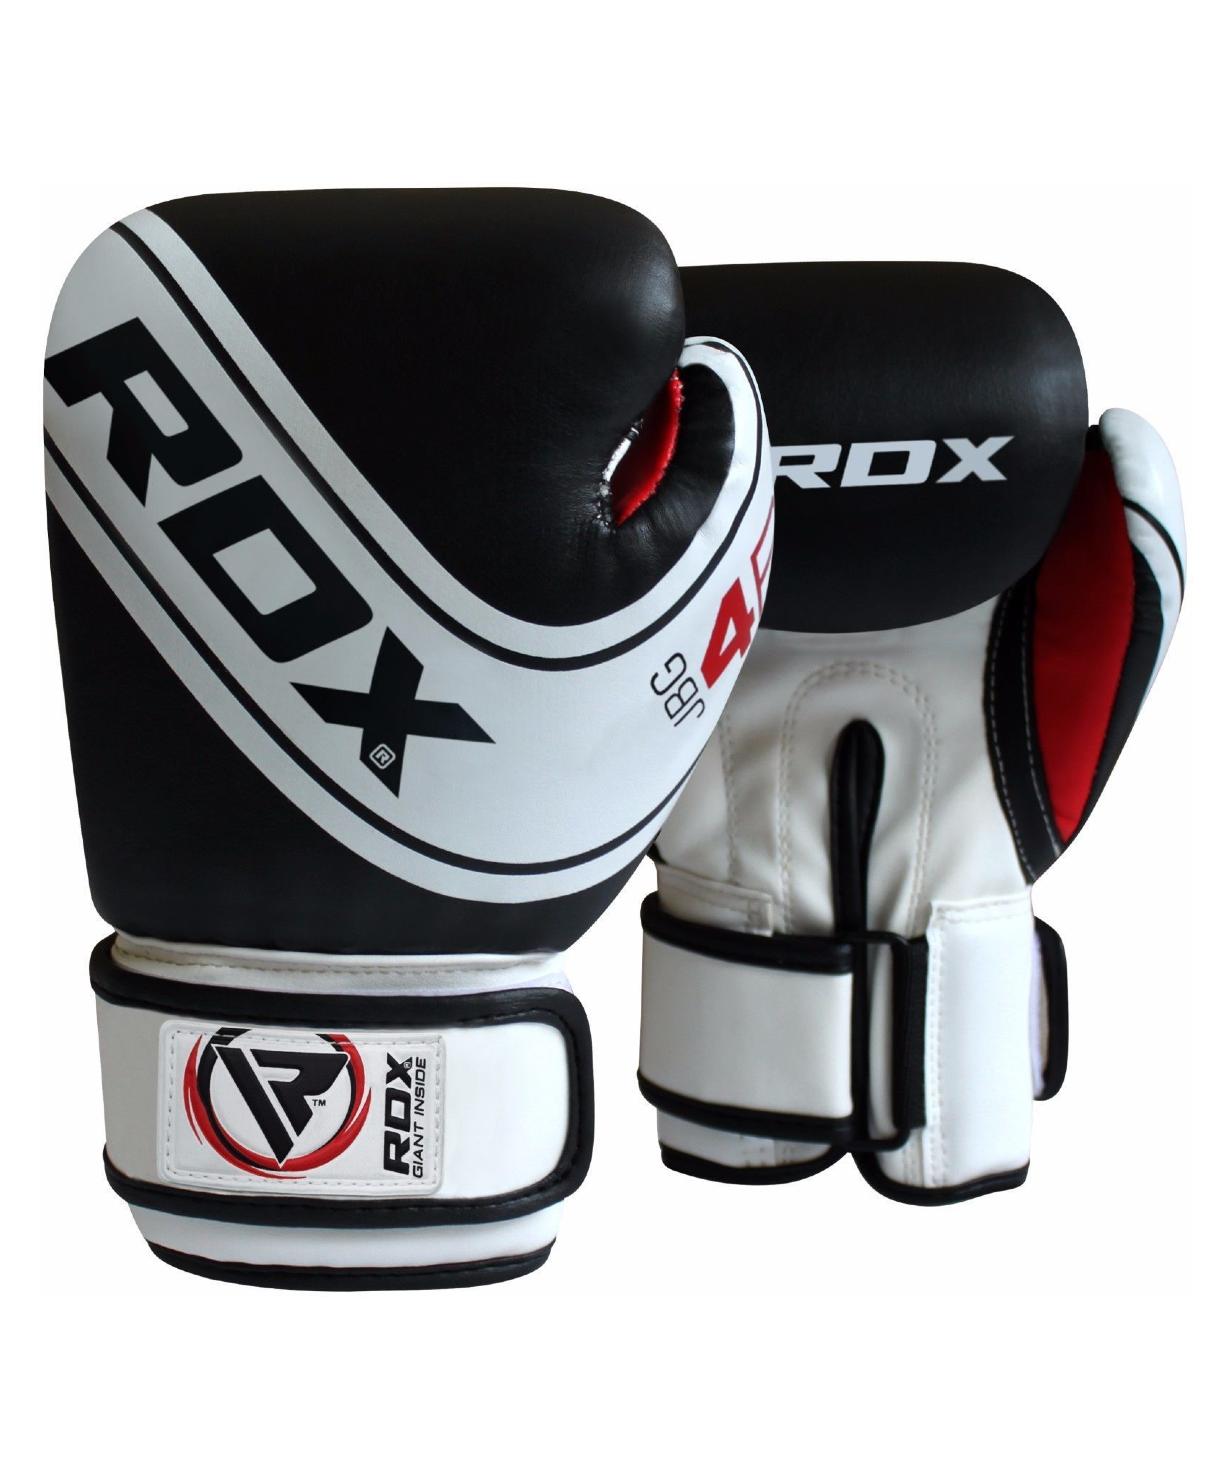 Перчатки Перчатки боксерские детские RDX fde4cabe3fb866a52226c6fc382abcea.png